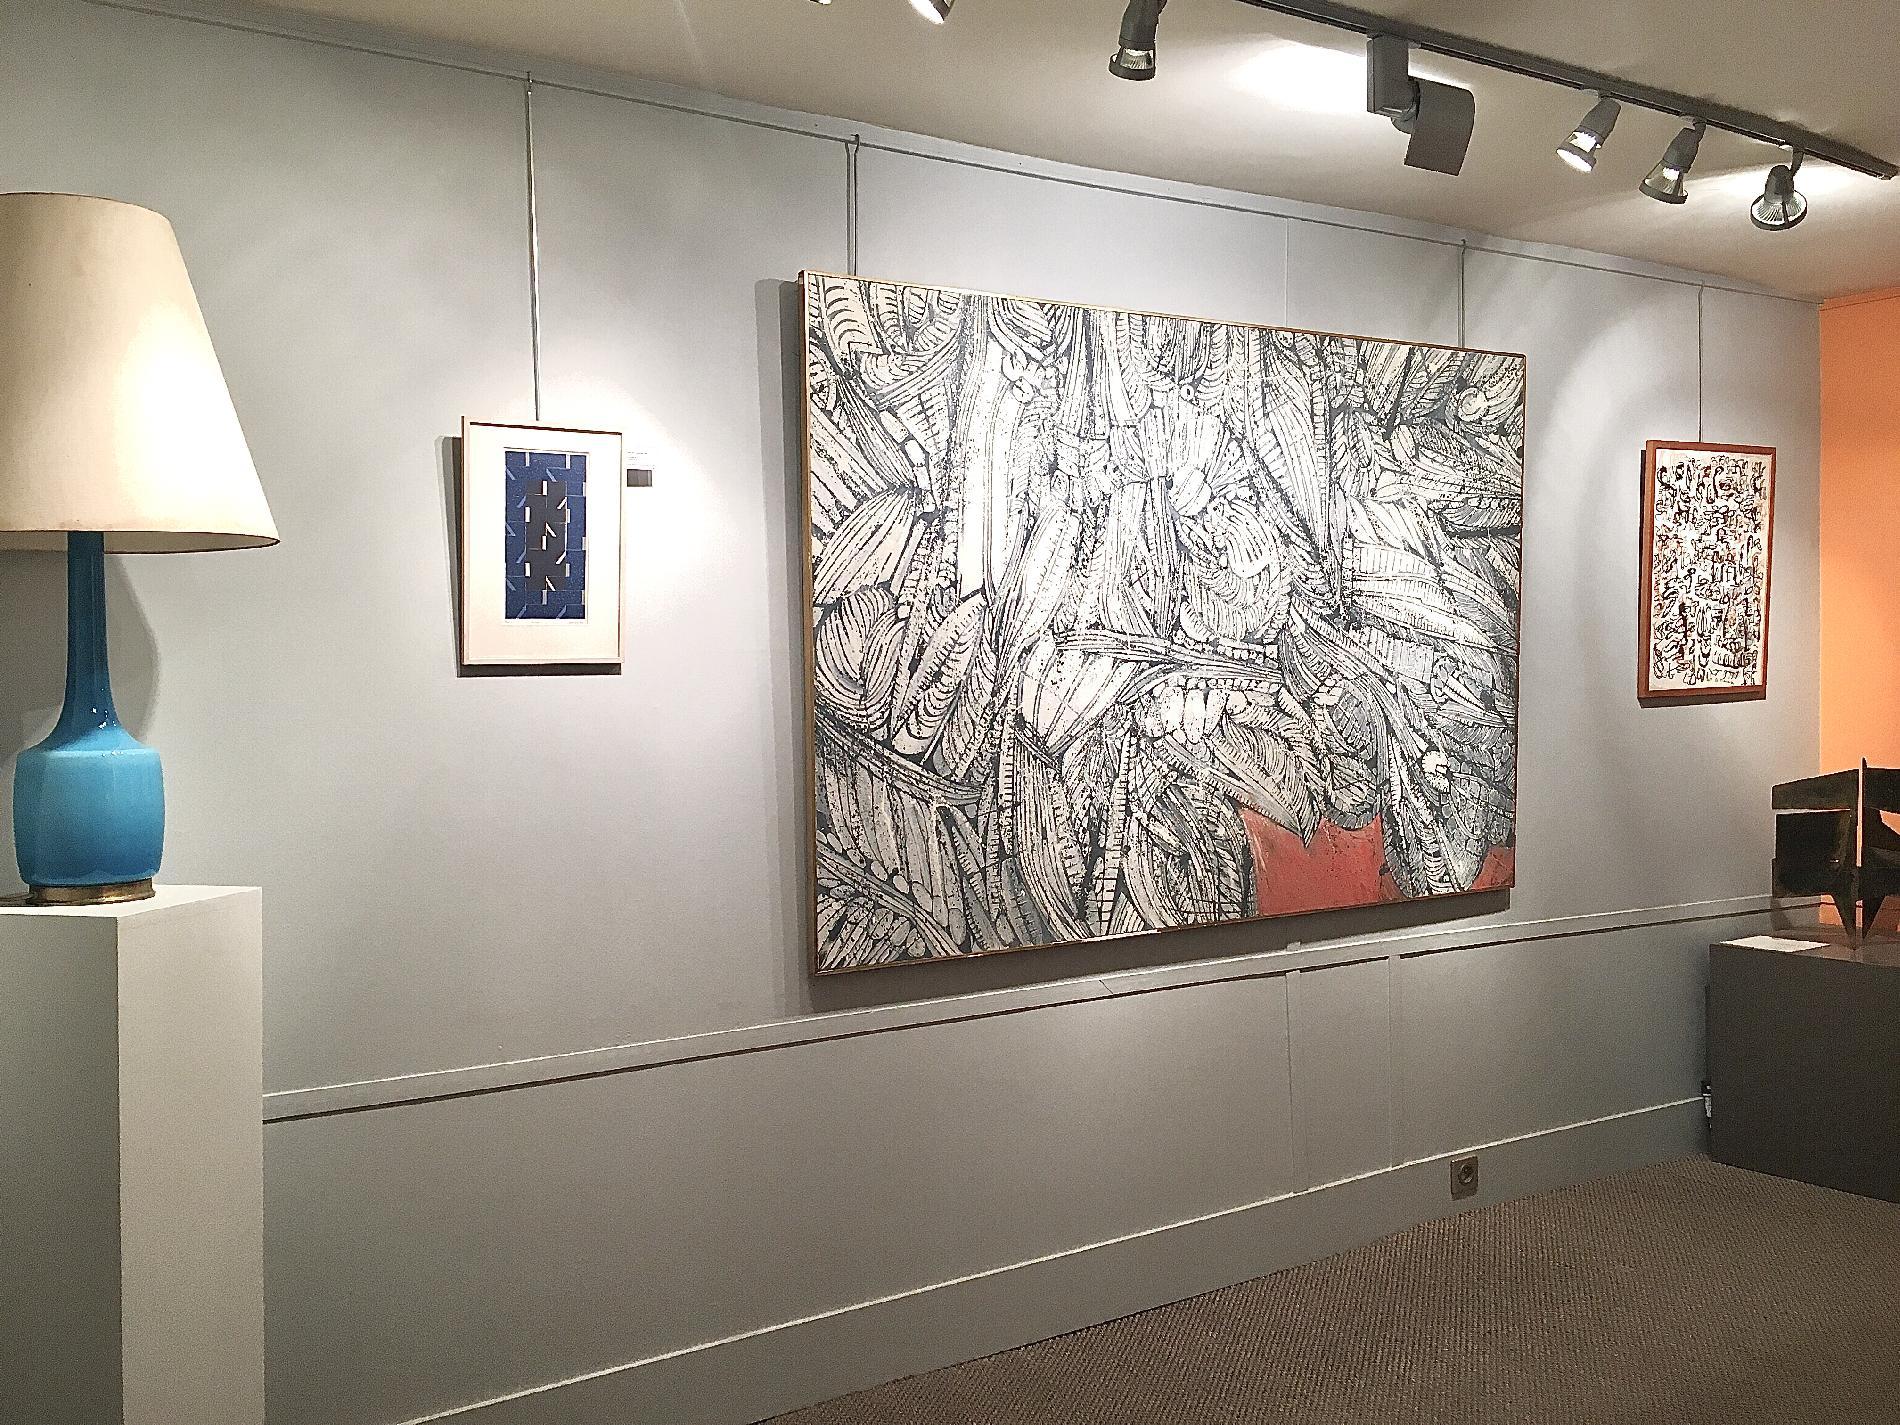 Quartier Art Drouot - Visit the galleries!